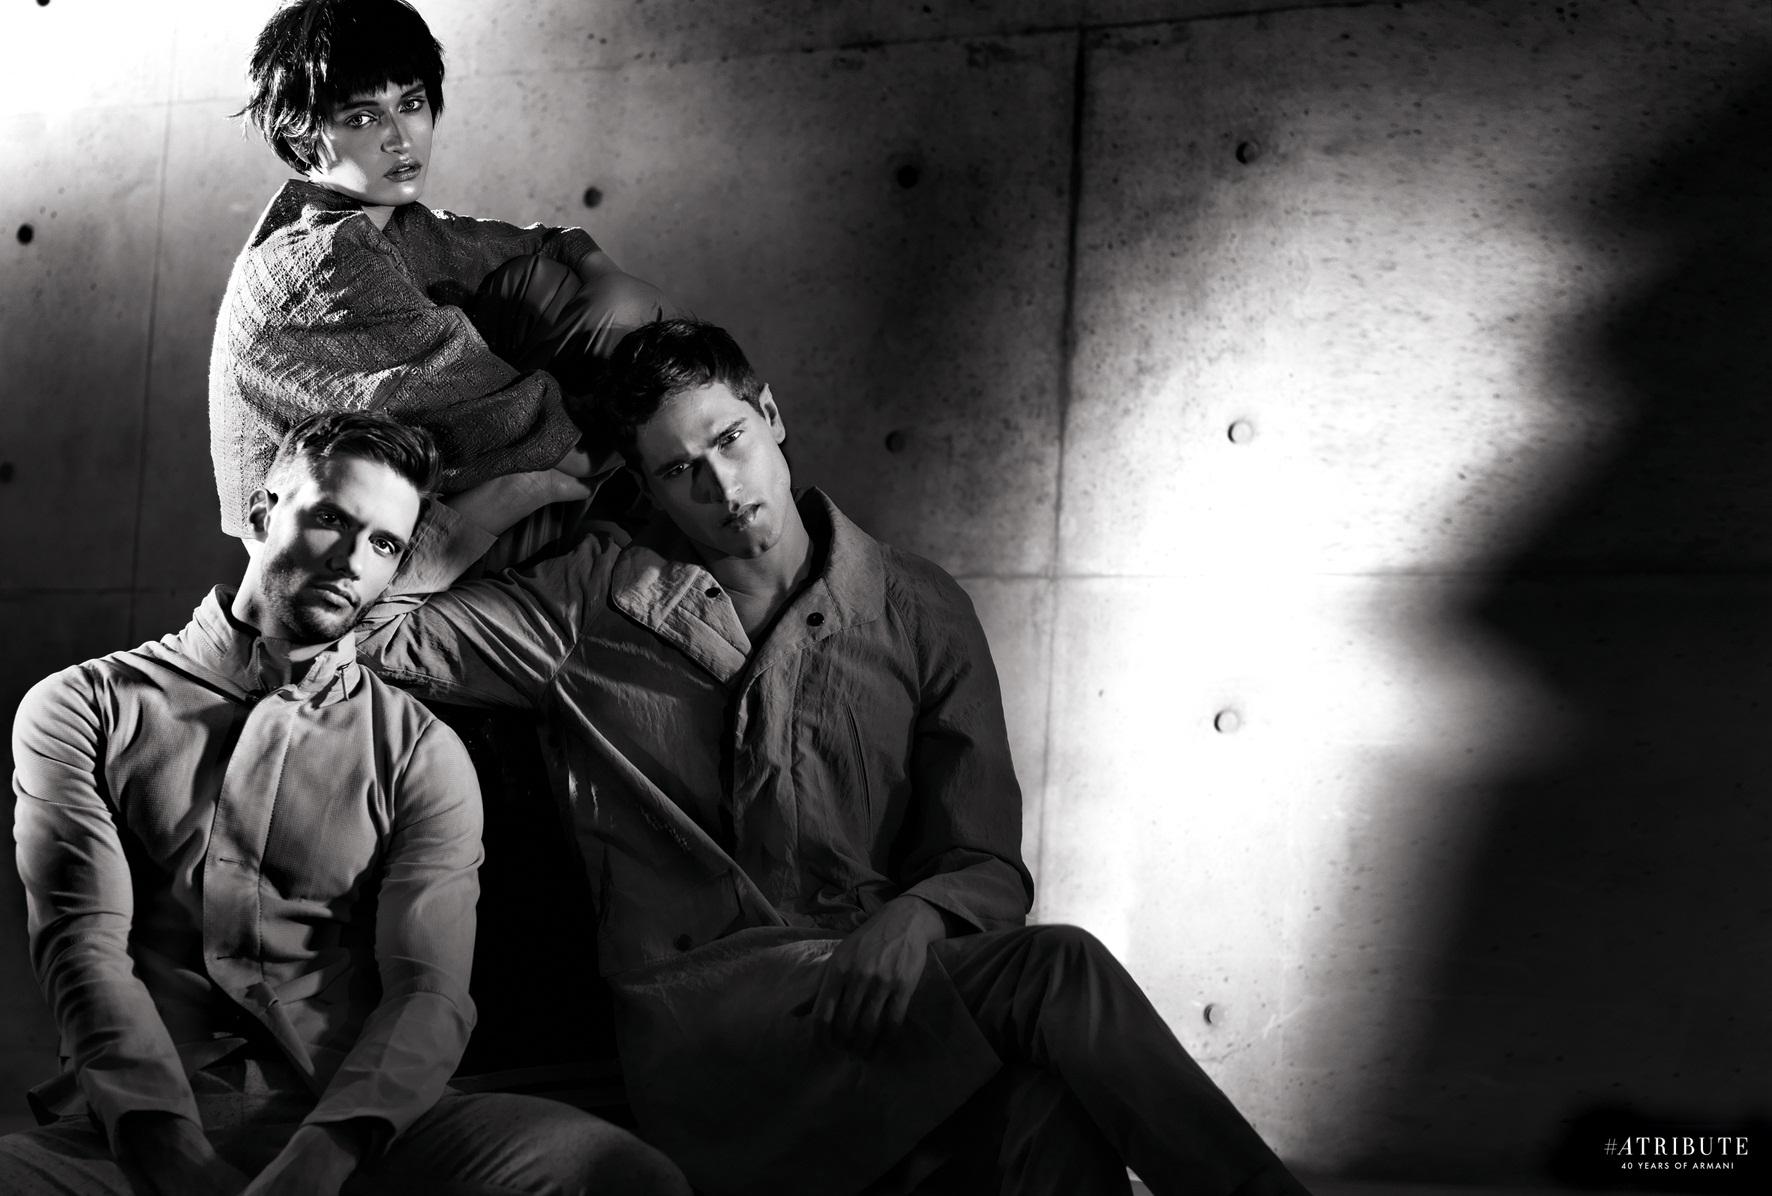 Armani Attitude: Fabio Mancini + Elia Cometti Star in Tribute